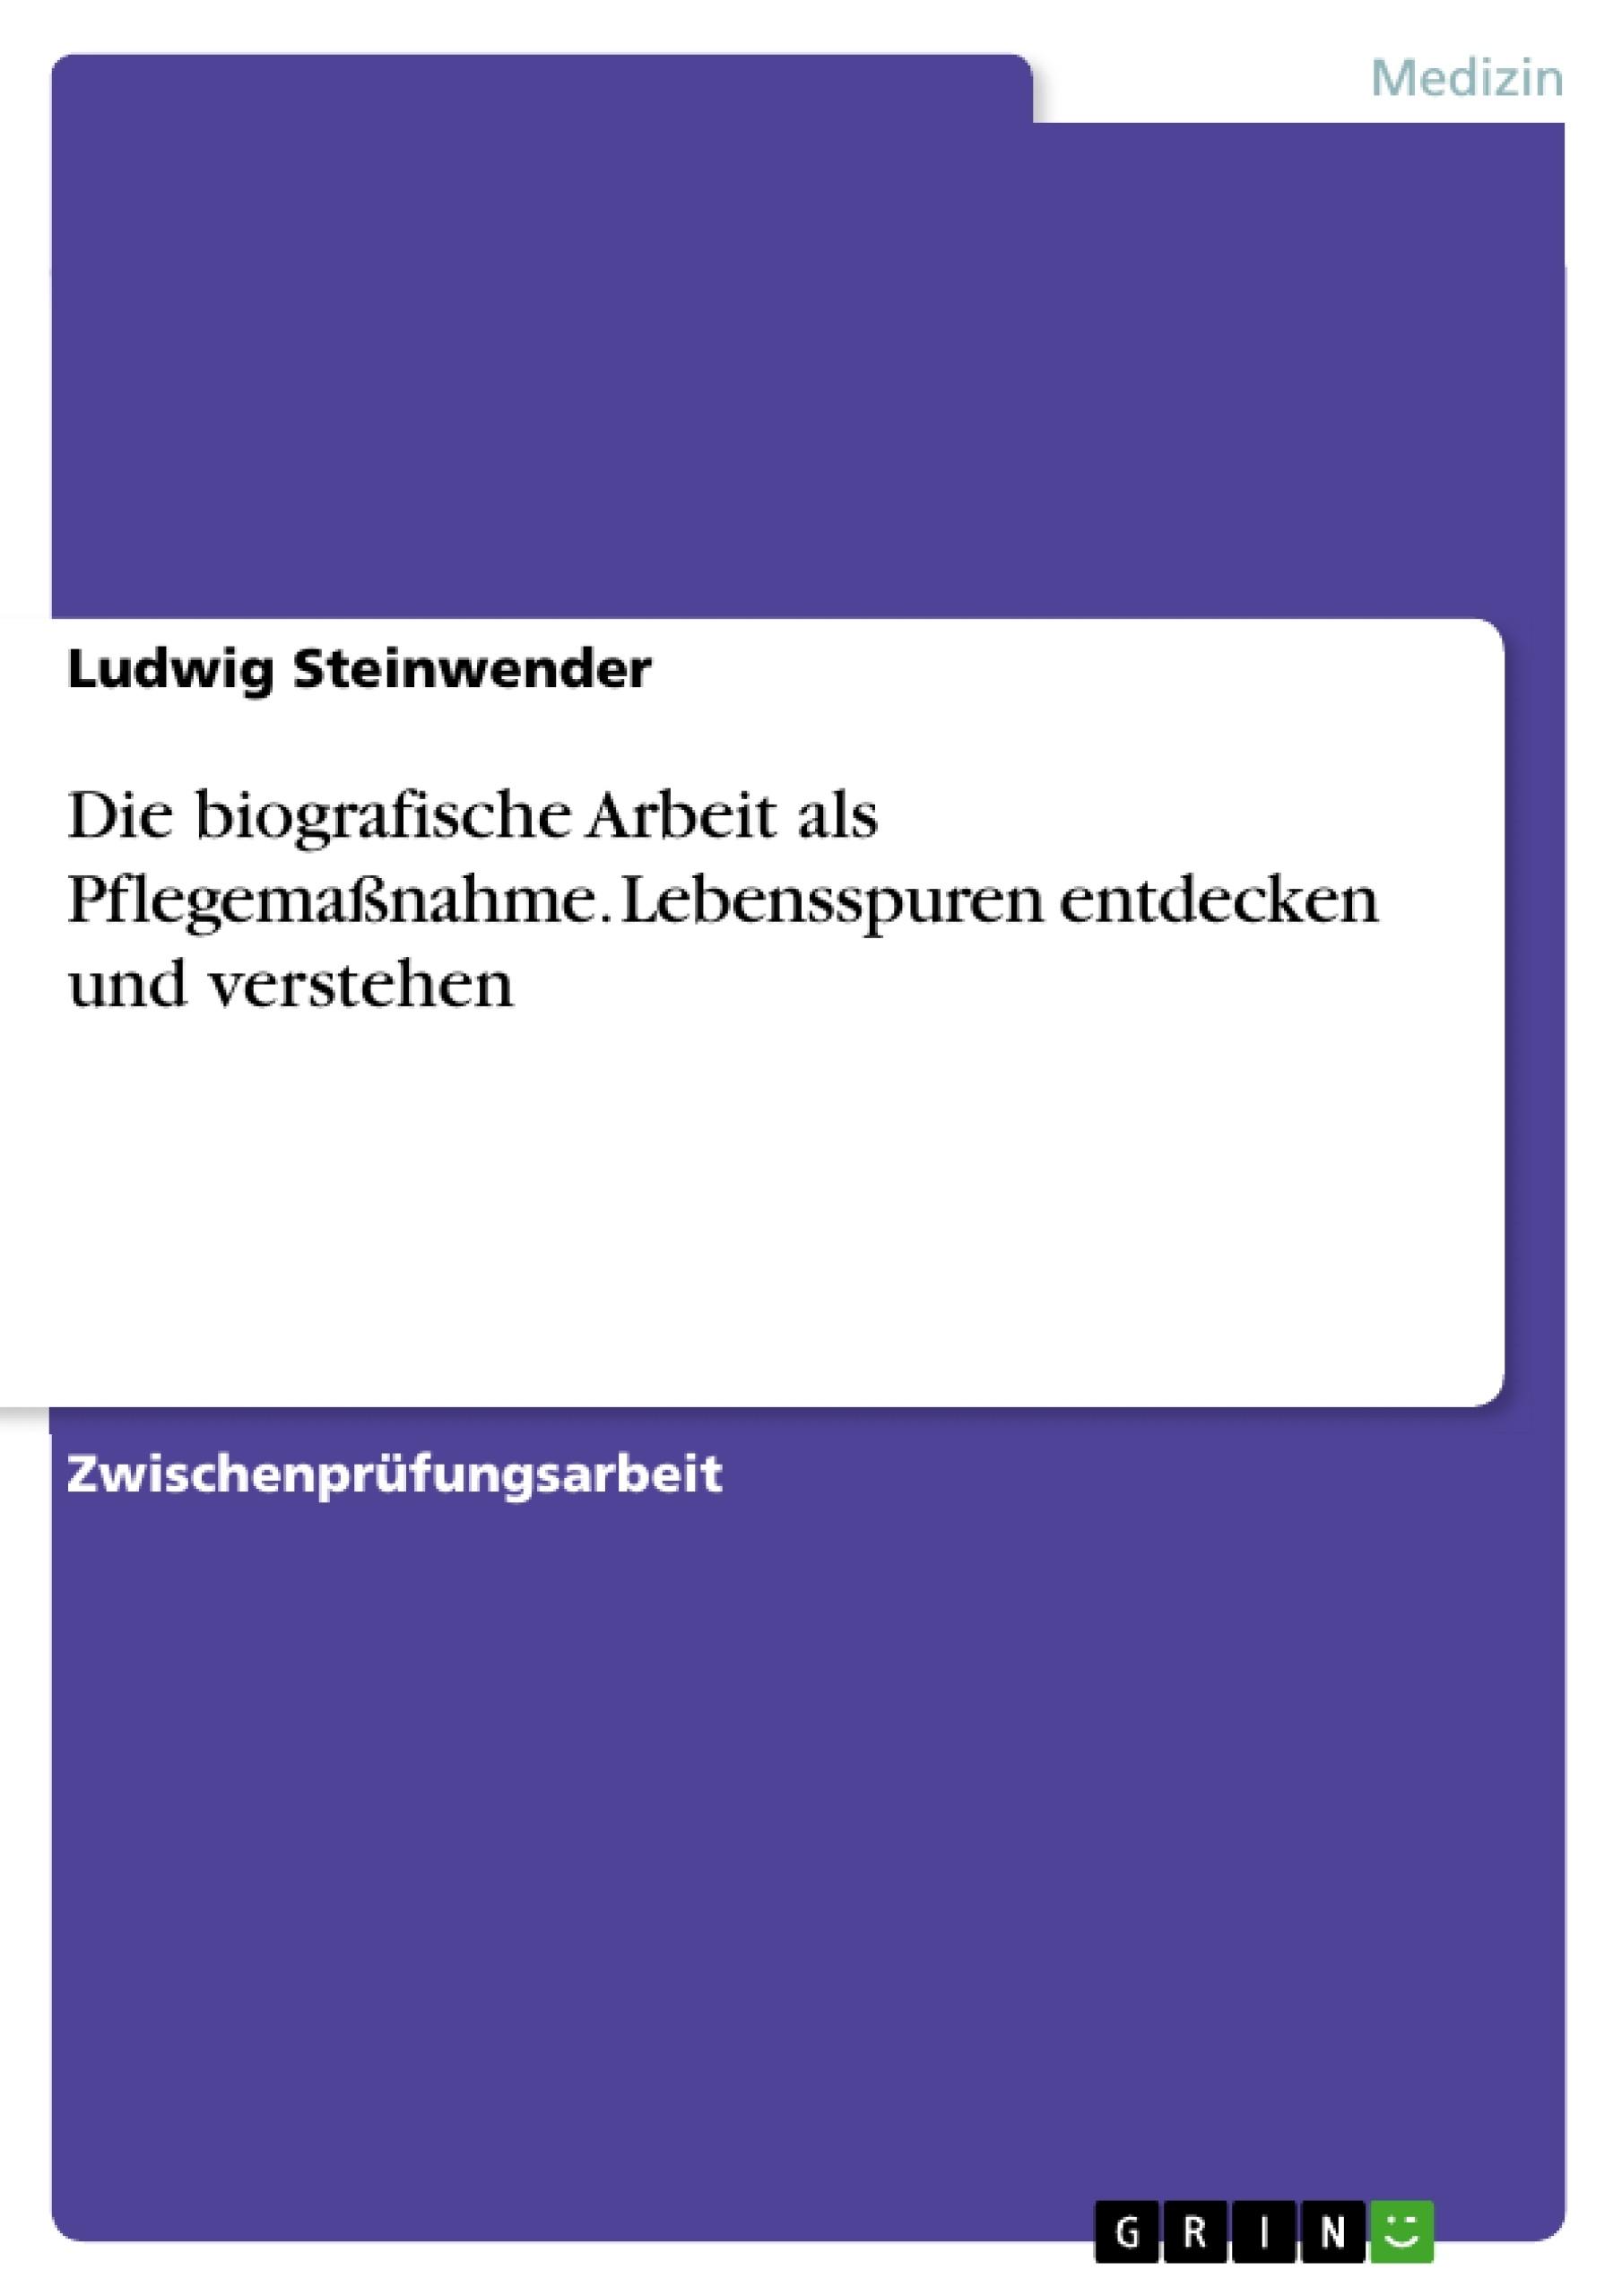 Titel: Die biografische Arbeit als Pflegemaßnahme. Lebensspuren entdecken und verstehen